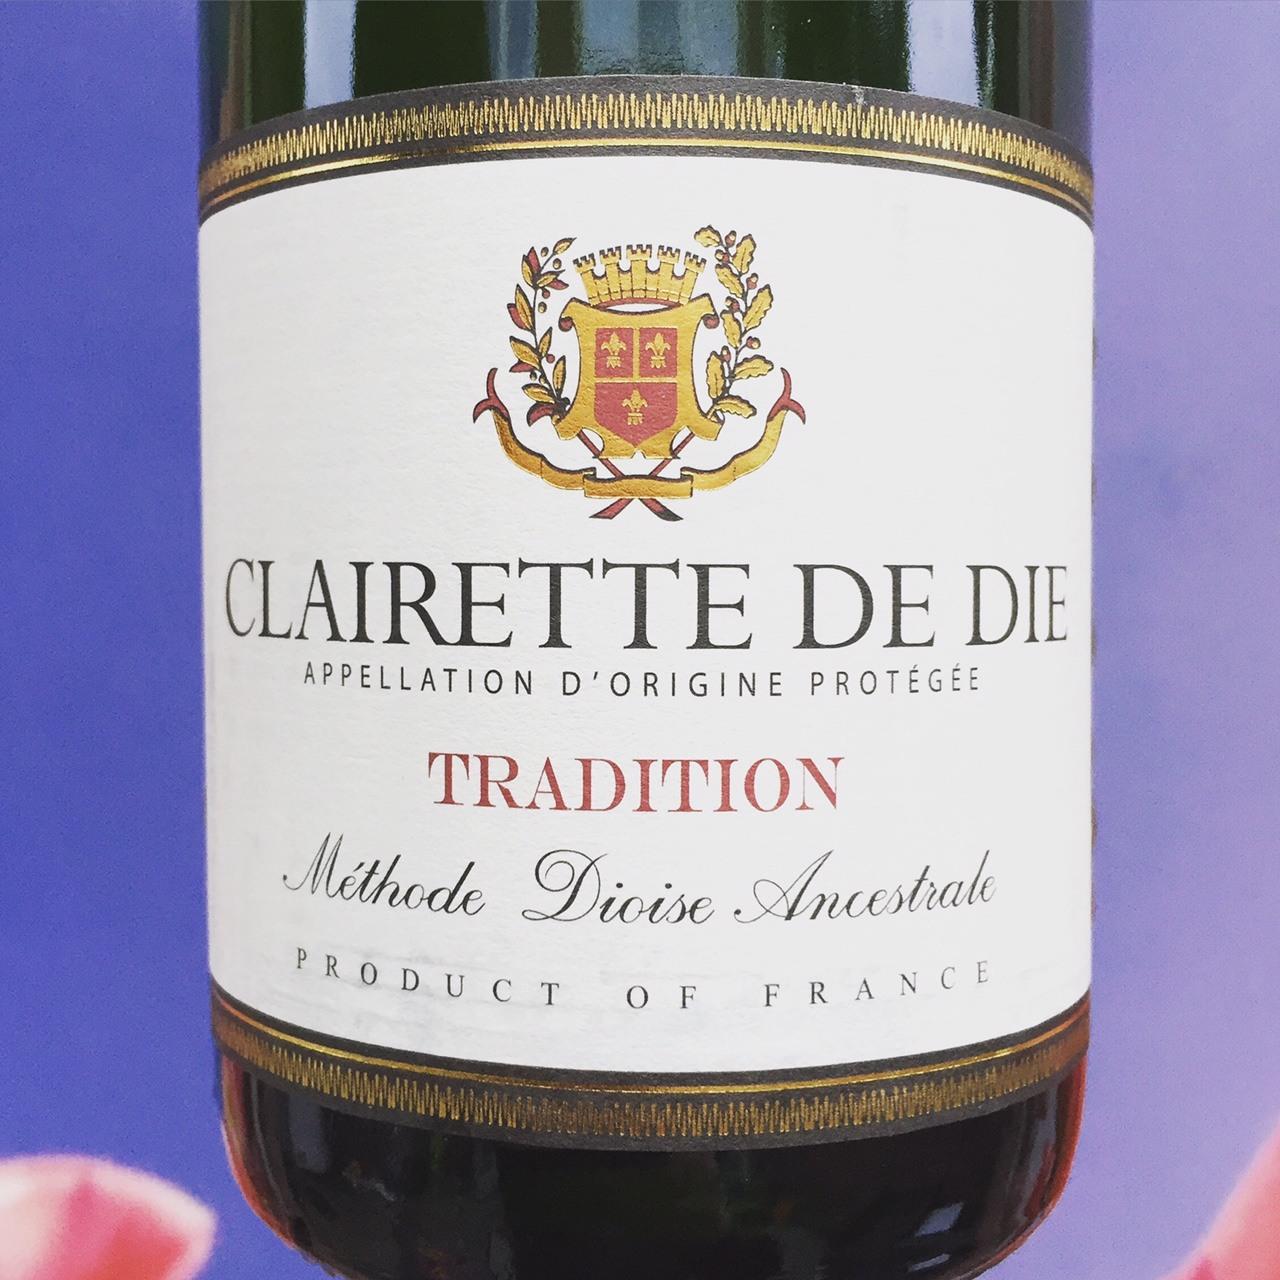 Clairette de Die, Tradition Review